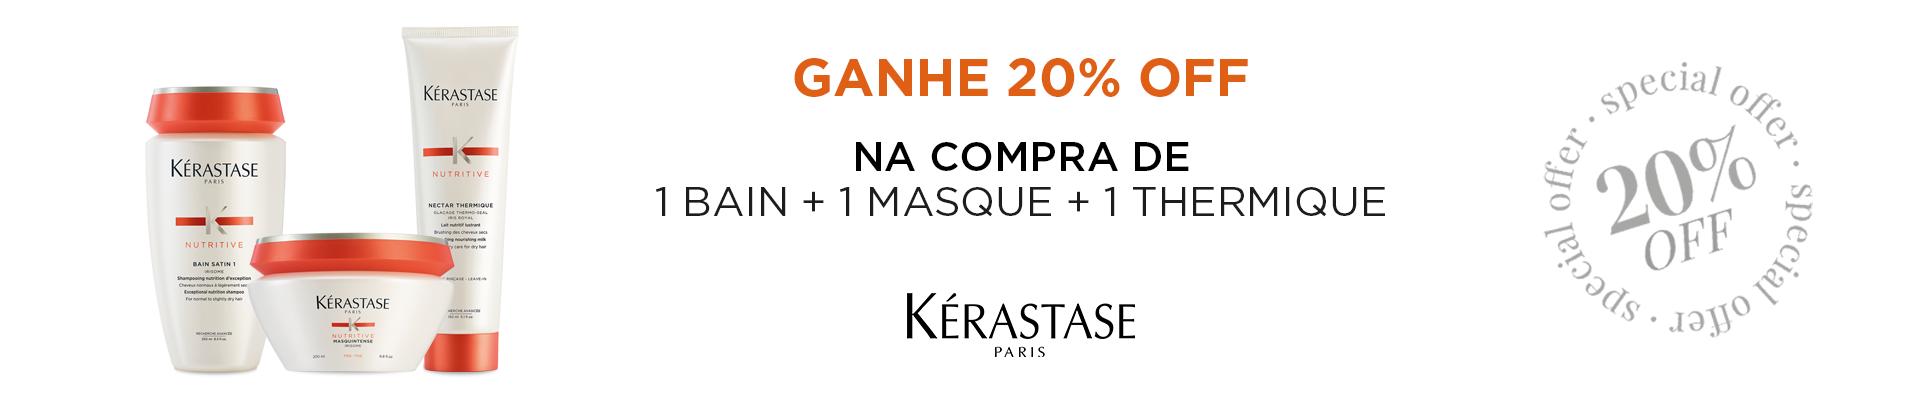 KER | Kits com 20% off